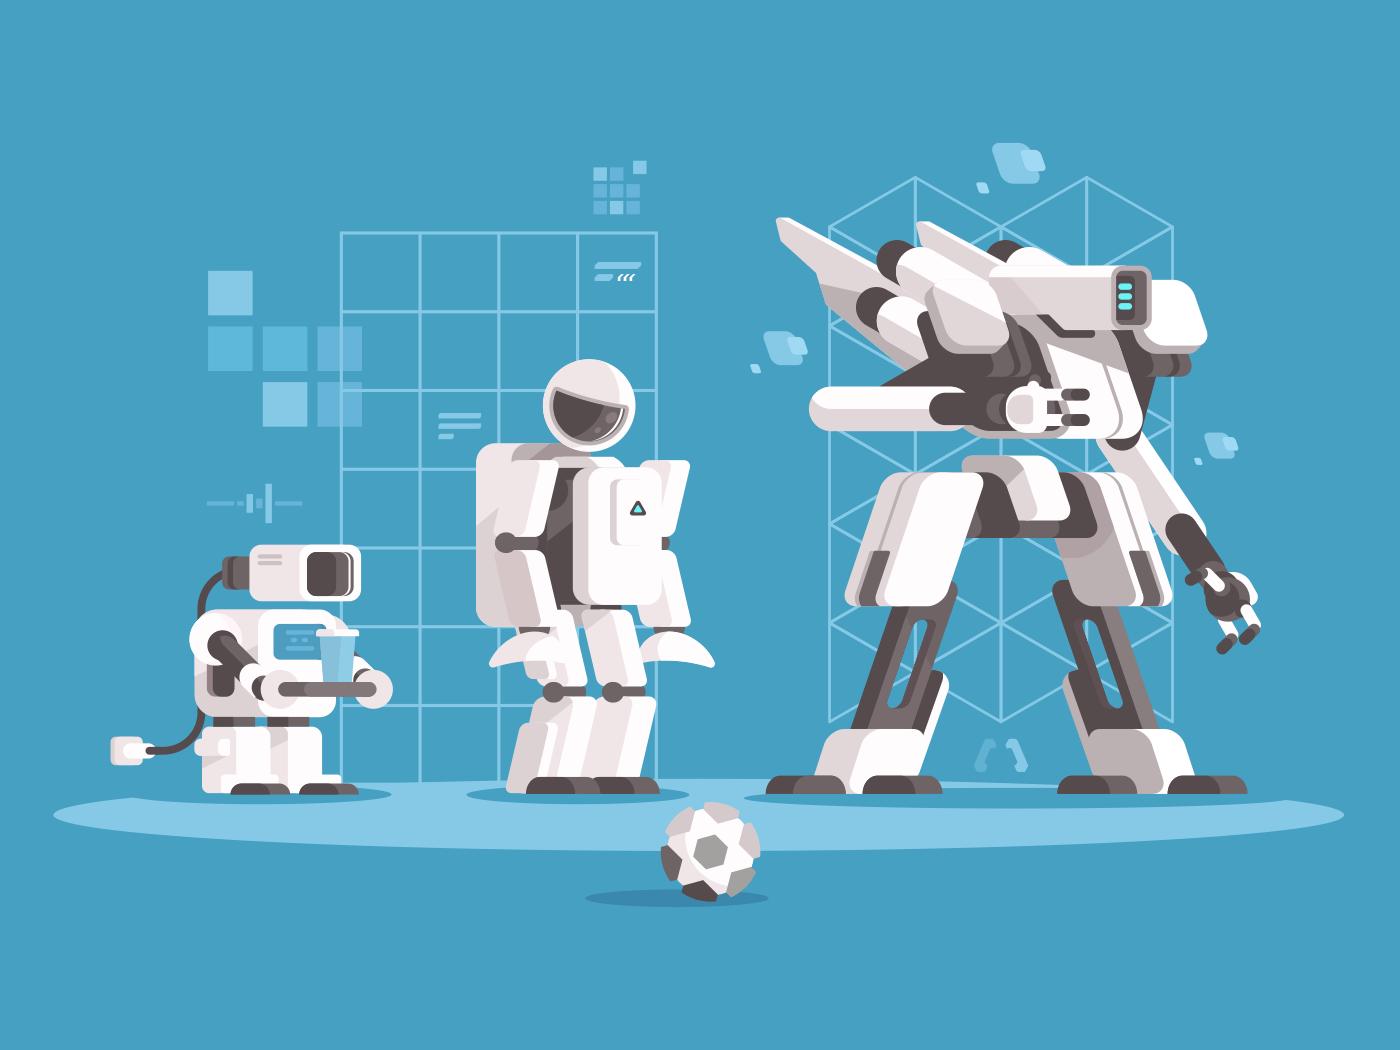 Evolution of robotics illustration